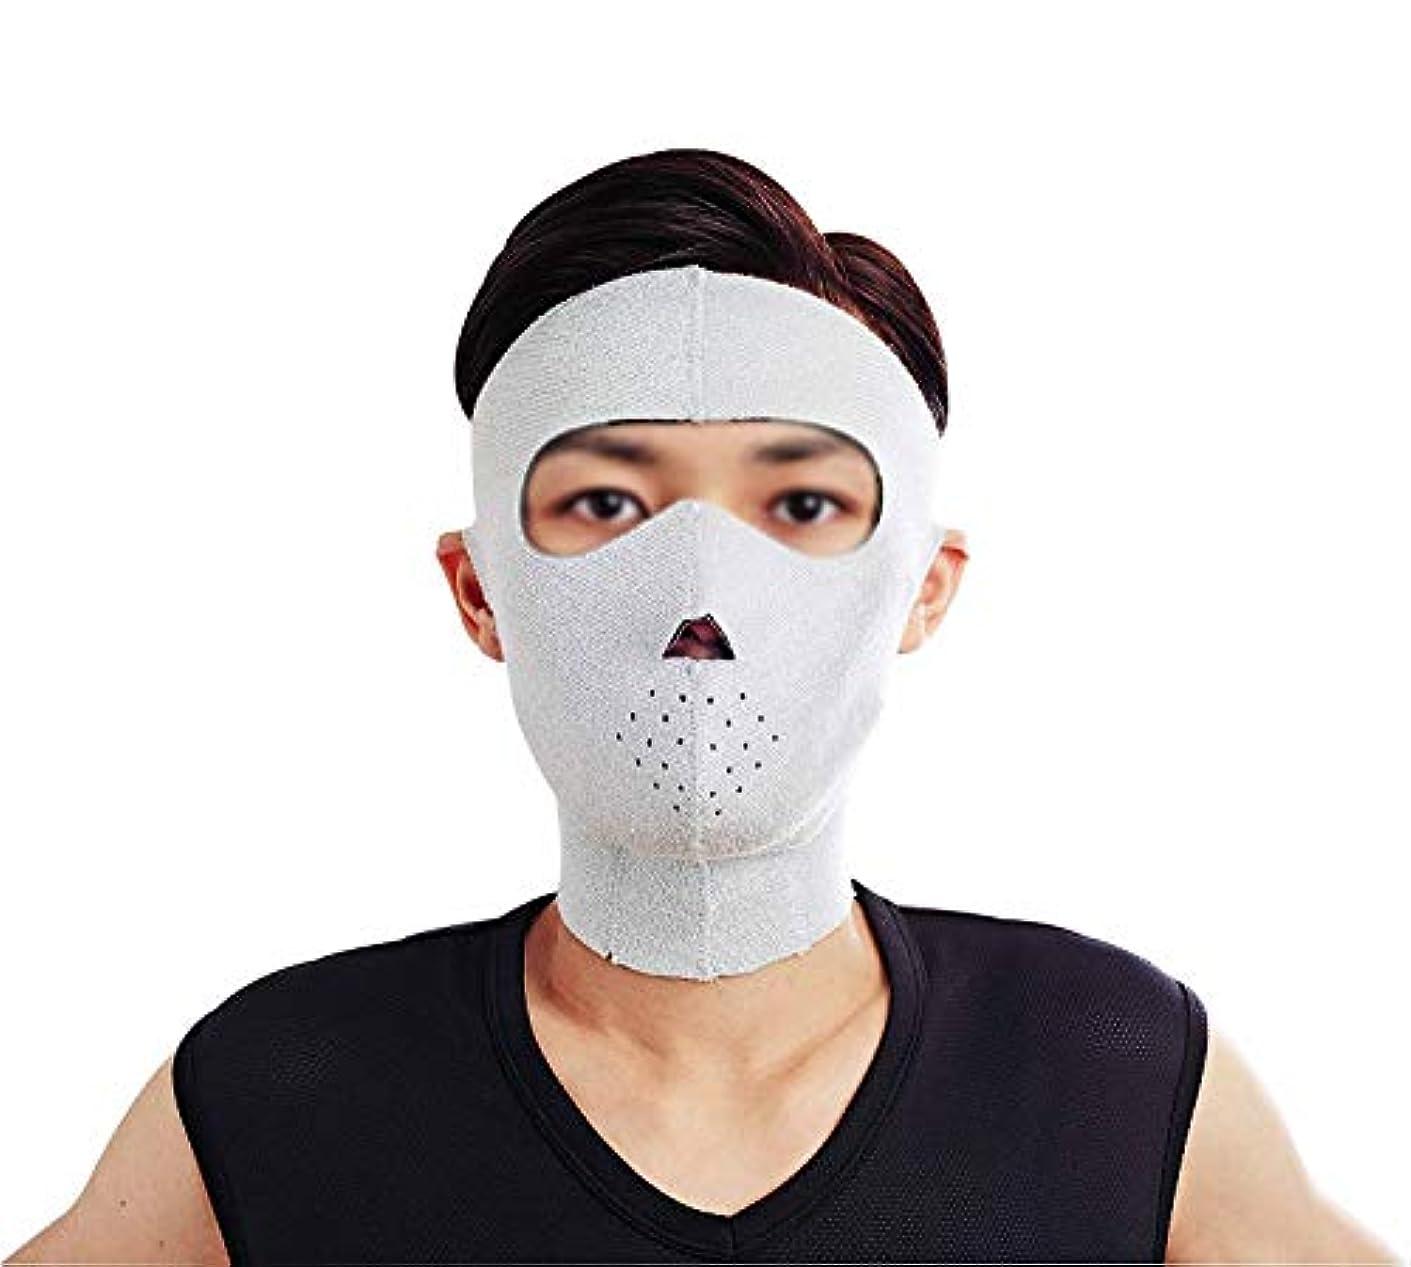 中央値兄弟愛幻想的TLMY 薄い顔のマスクのマスクと男性のネックバンドとの垂れ下がり防止の薄い顔のマスクの薄い顔のマスクのアーチファクトの美しさを引き締め 顔用整形マスク